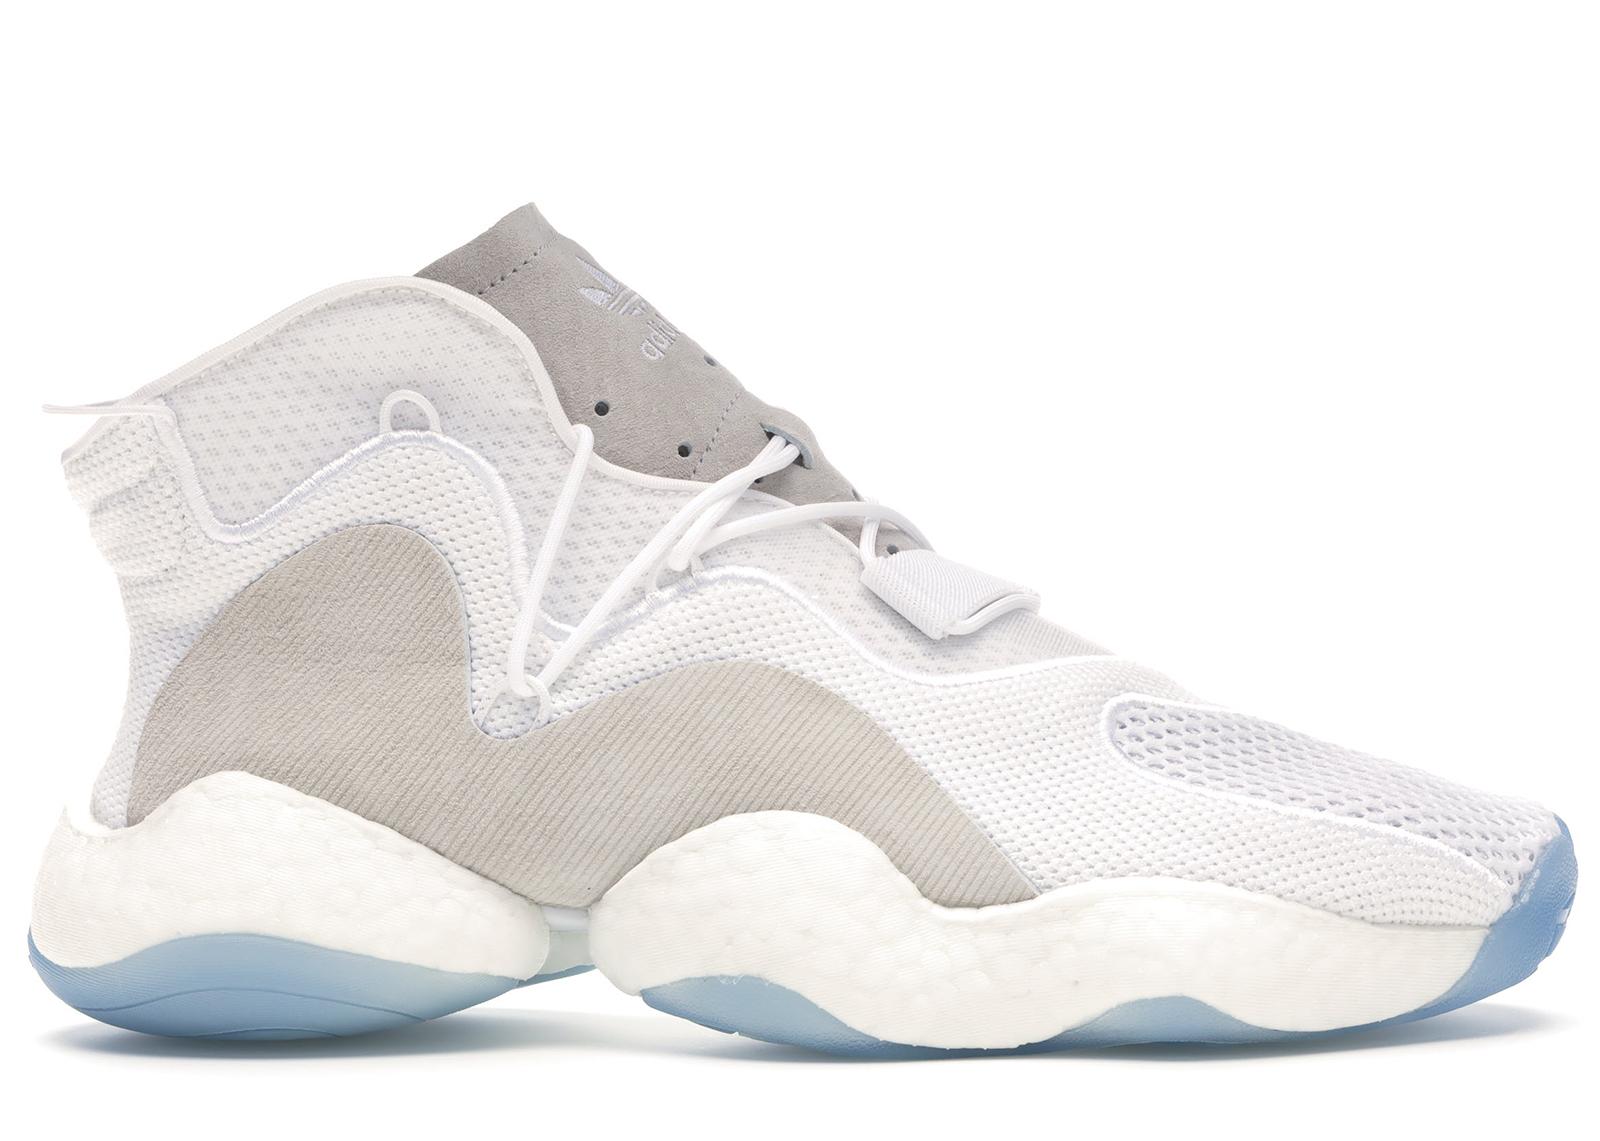 adidas Crazy BYW Cloud White - B37479